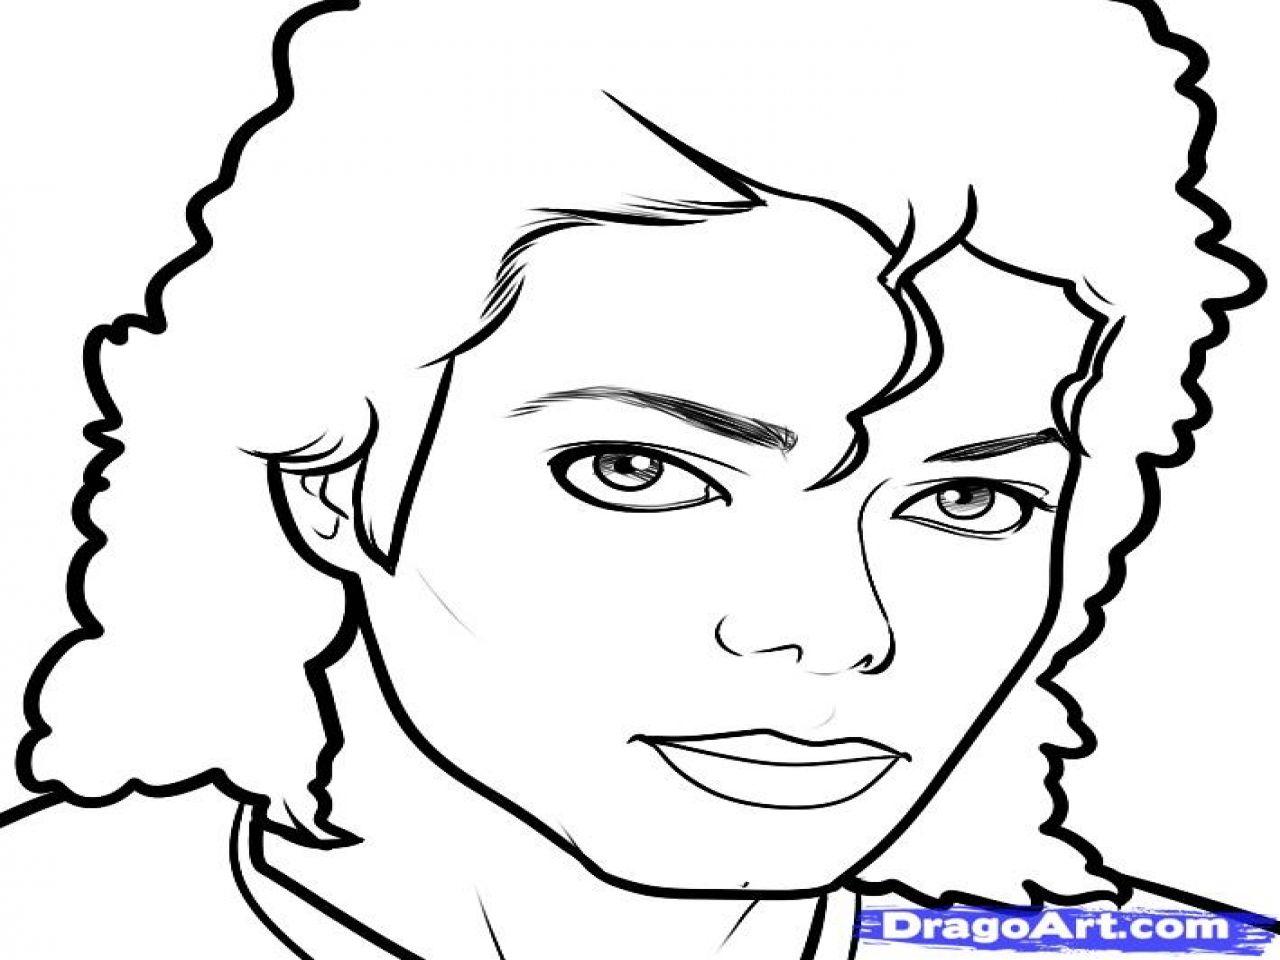 Michael Jackson Resultados Yahoo Search Da Busca De Imagens Michael Jackson Drawings Photos Of Michael Jackson Michael Jackson Art